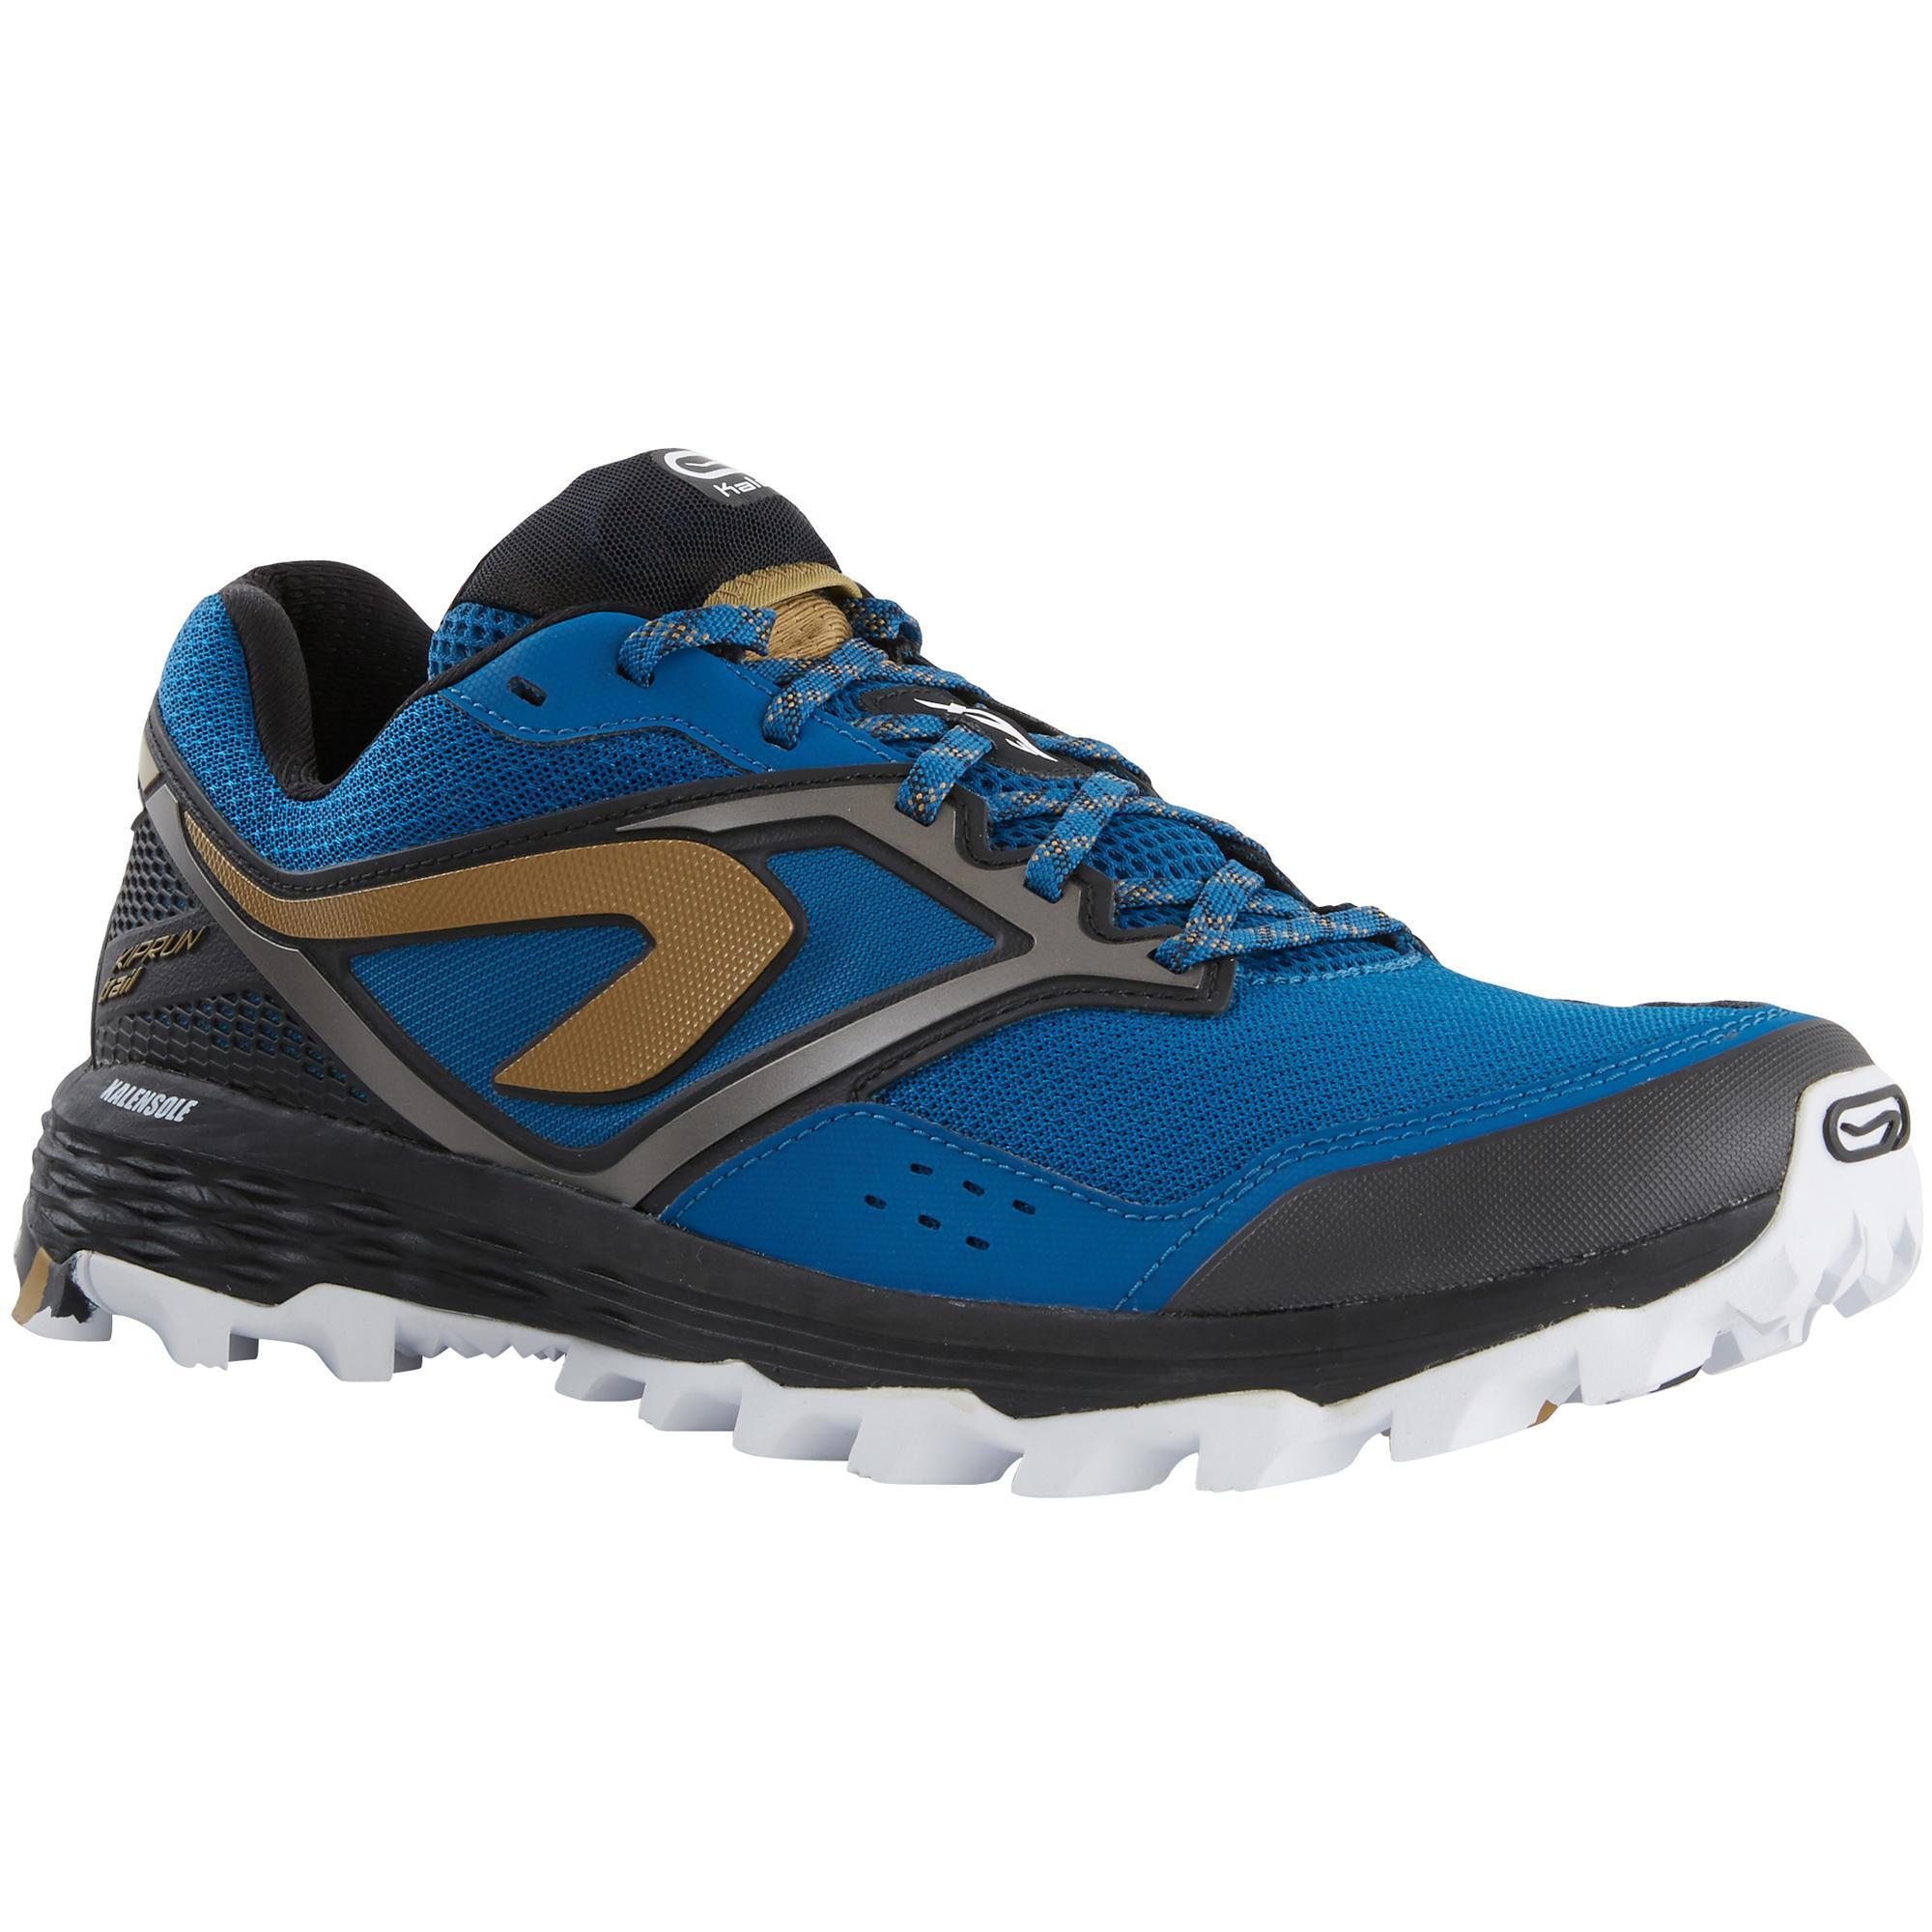 Laufschuhe Trail Kiprun XT7 Herren blau/bronzefarben